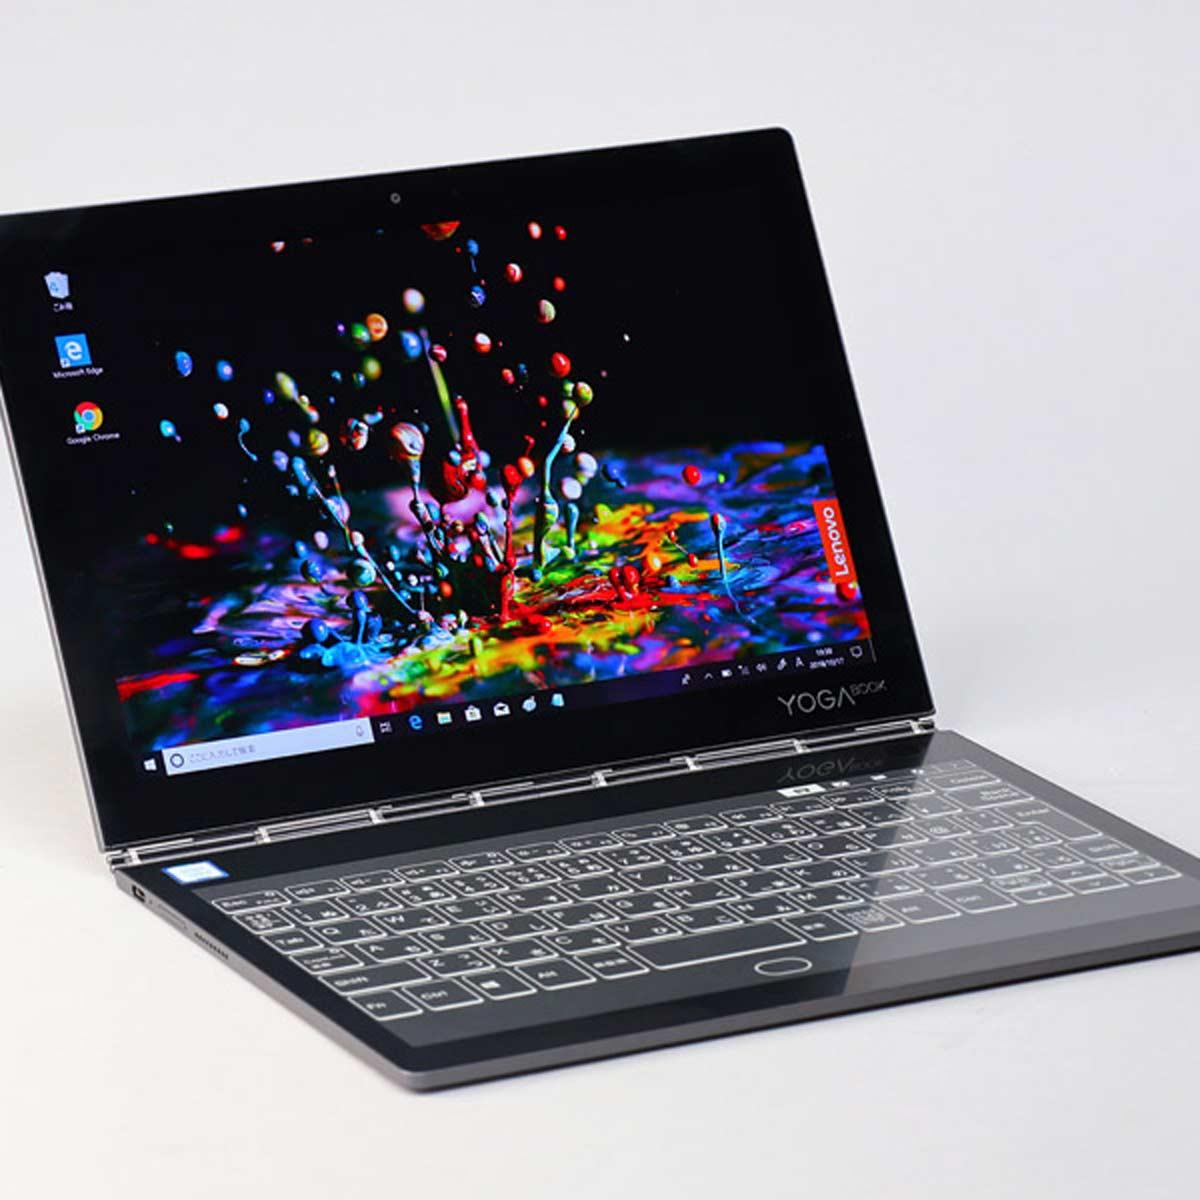 レノボの2画面2in1「Yoga Book C930」レビュー! 気になるE-Inkキーボードの使い勝手は?